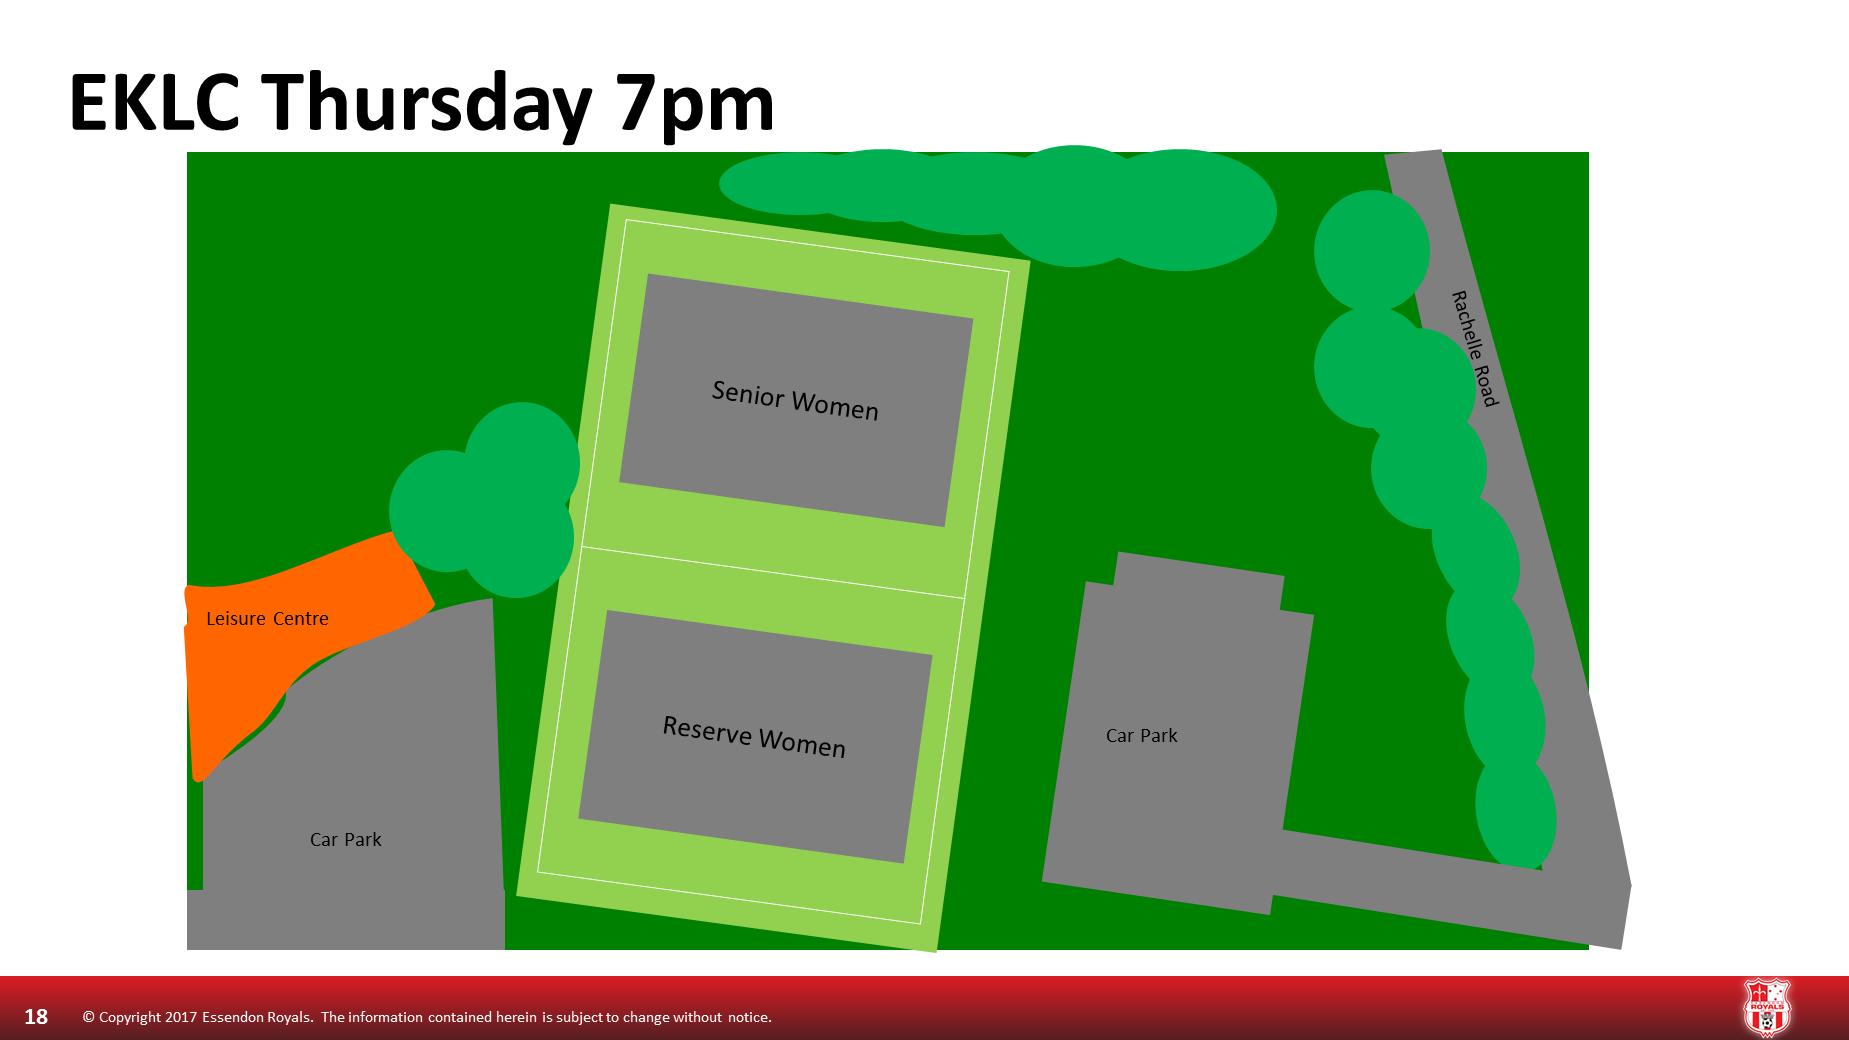 Thursday 7pm East Keilor Leisure Centre